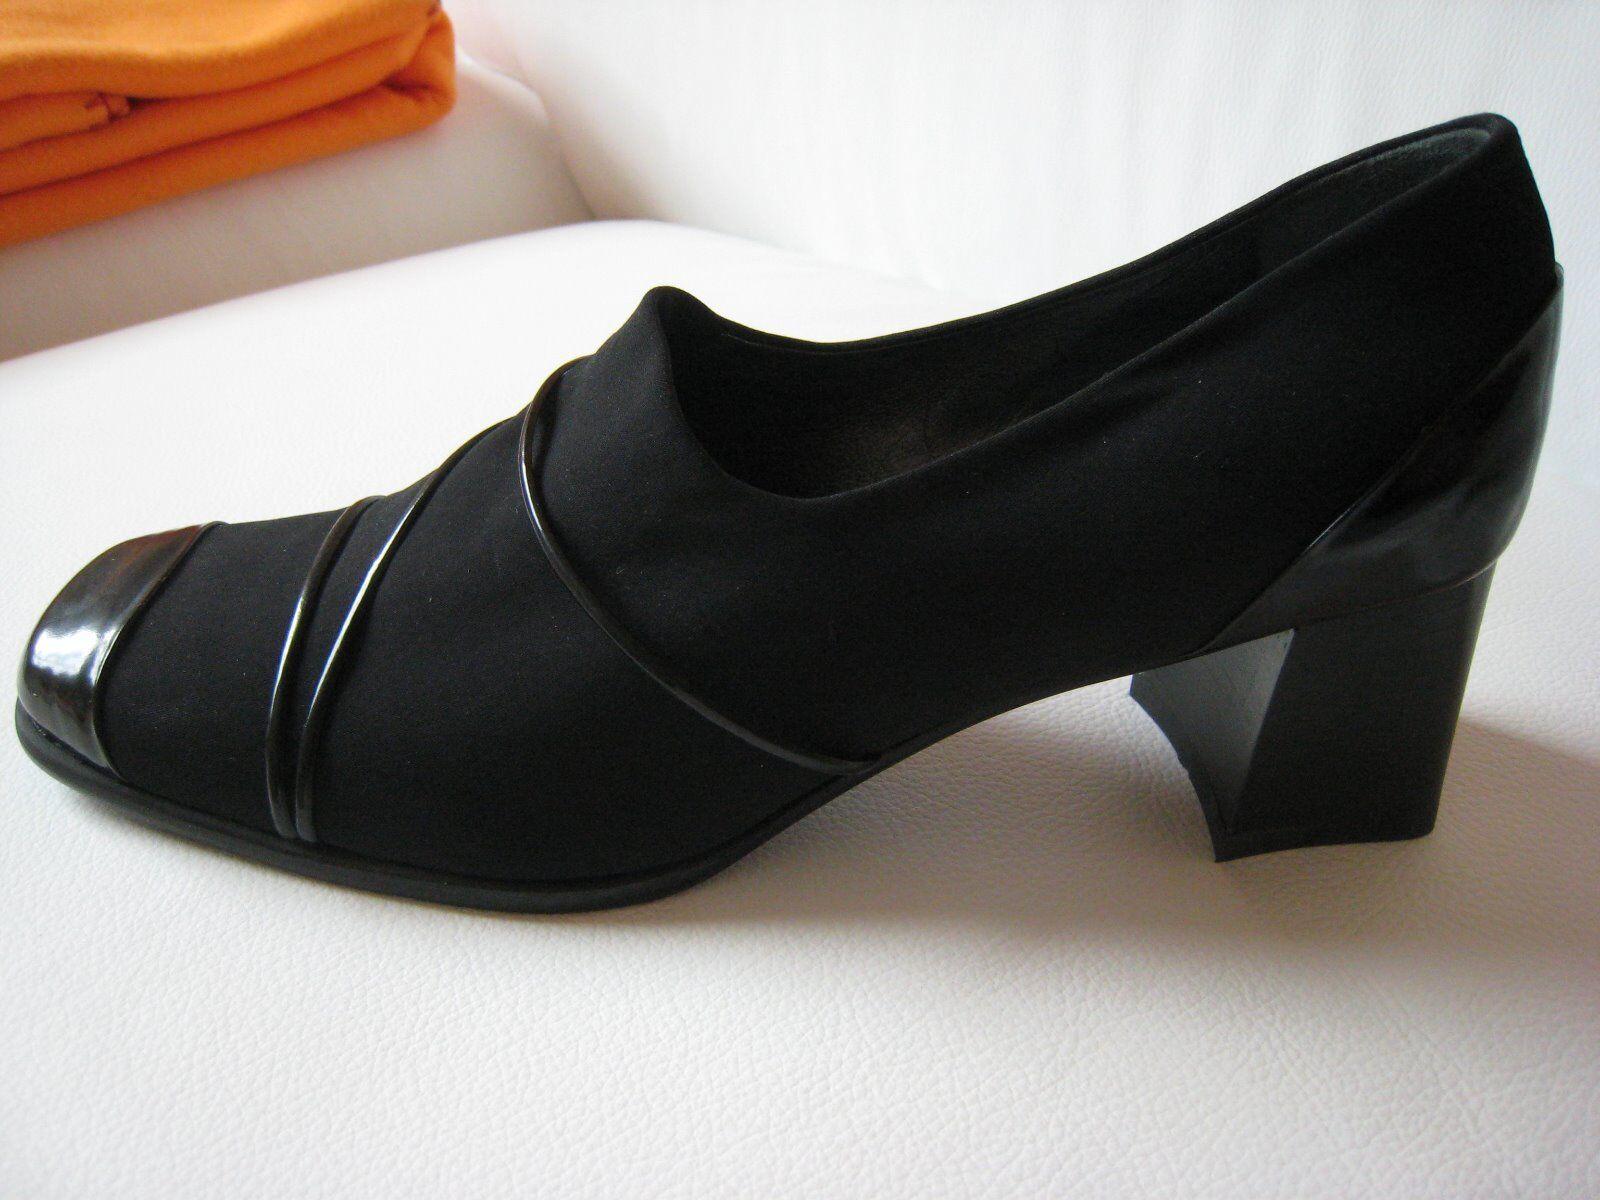 PUMPS 40 von Maripe  Gr. 40 PUMPS  schwarz  extravagant  ital Chic  NEU 89468c